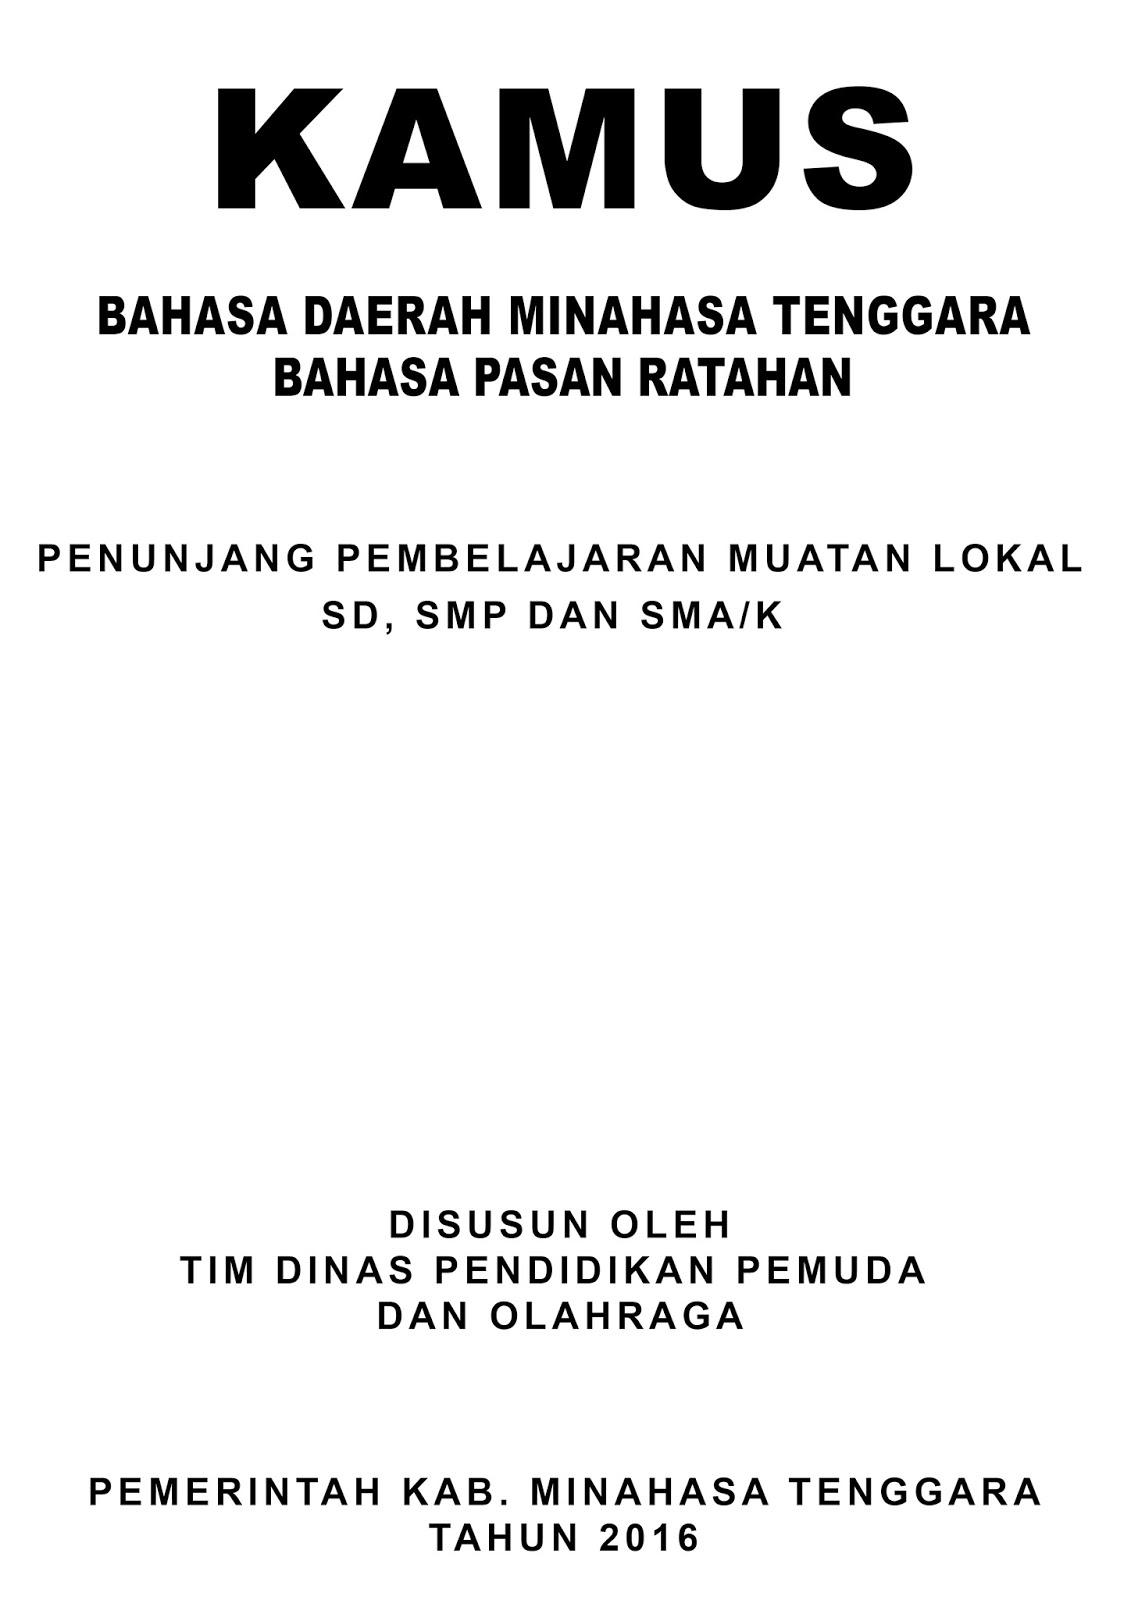 Bahasa Daerah (PASAN) Ratahan, Minahasa Tenggara. kata dasar